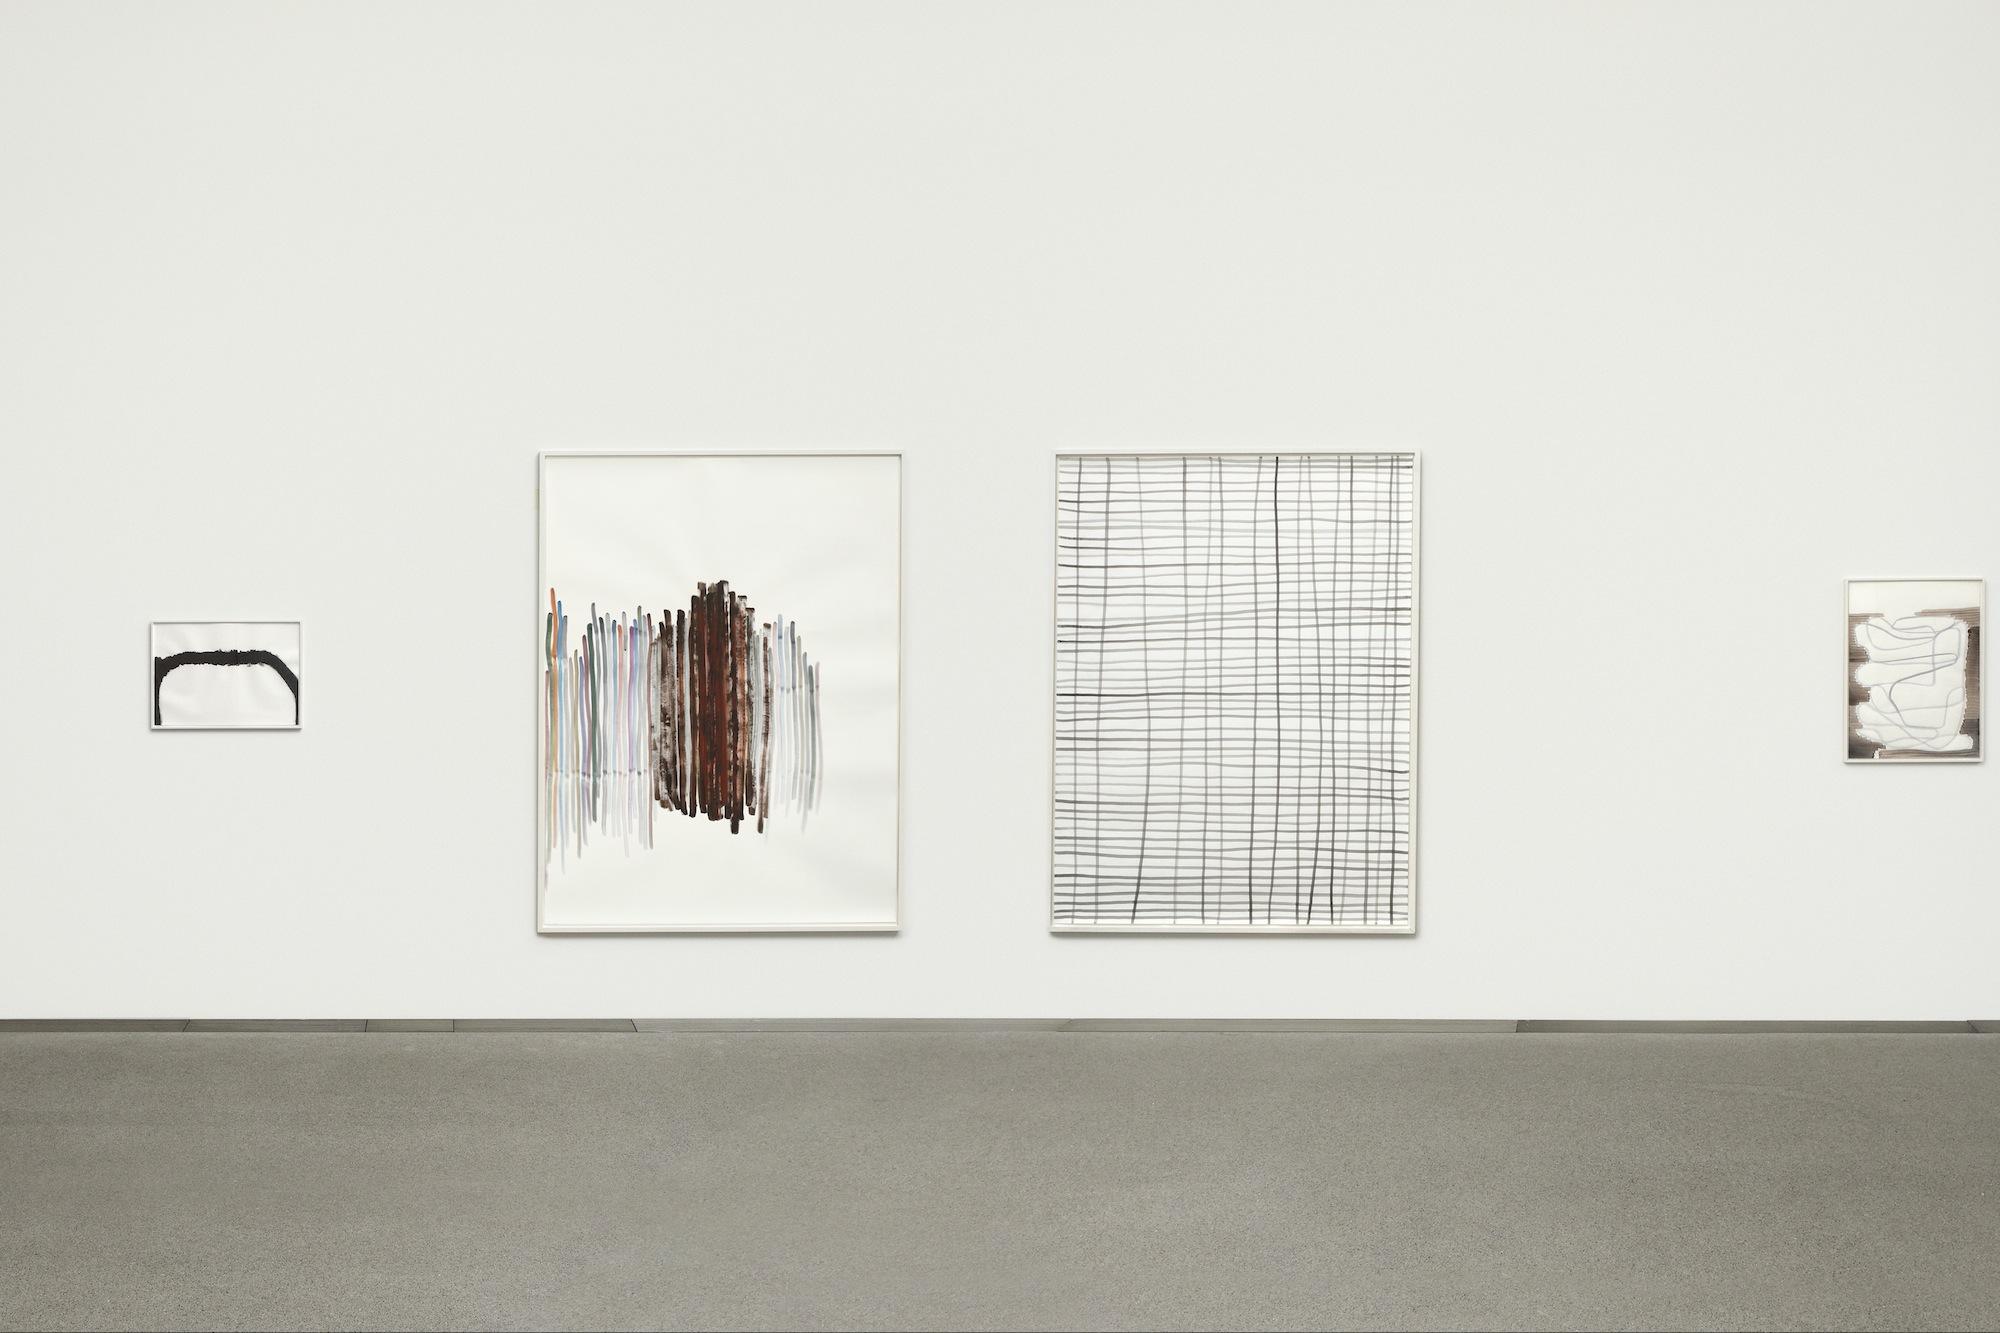 Blick in die Ausstellung in der Pinakothek der Moderne in München.